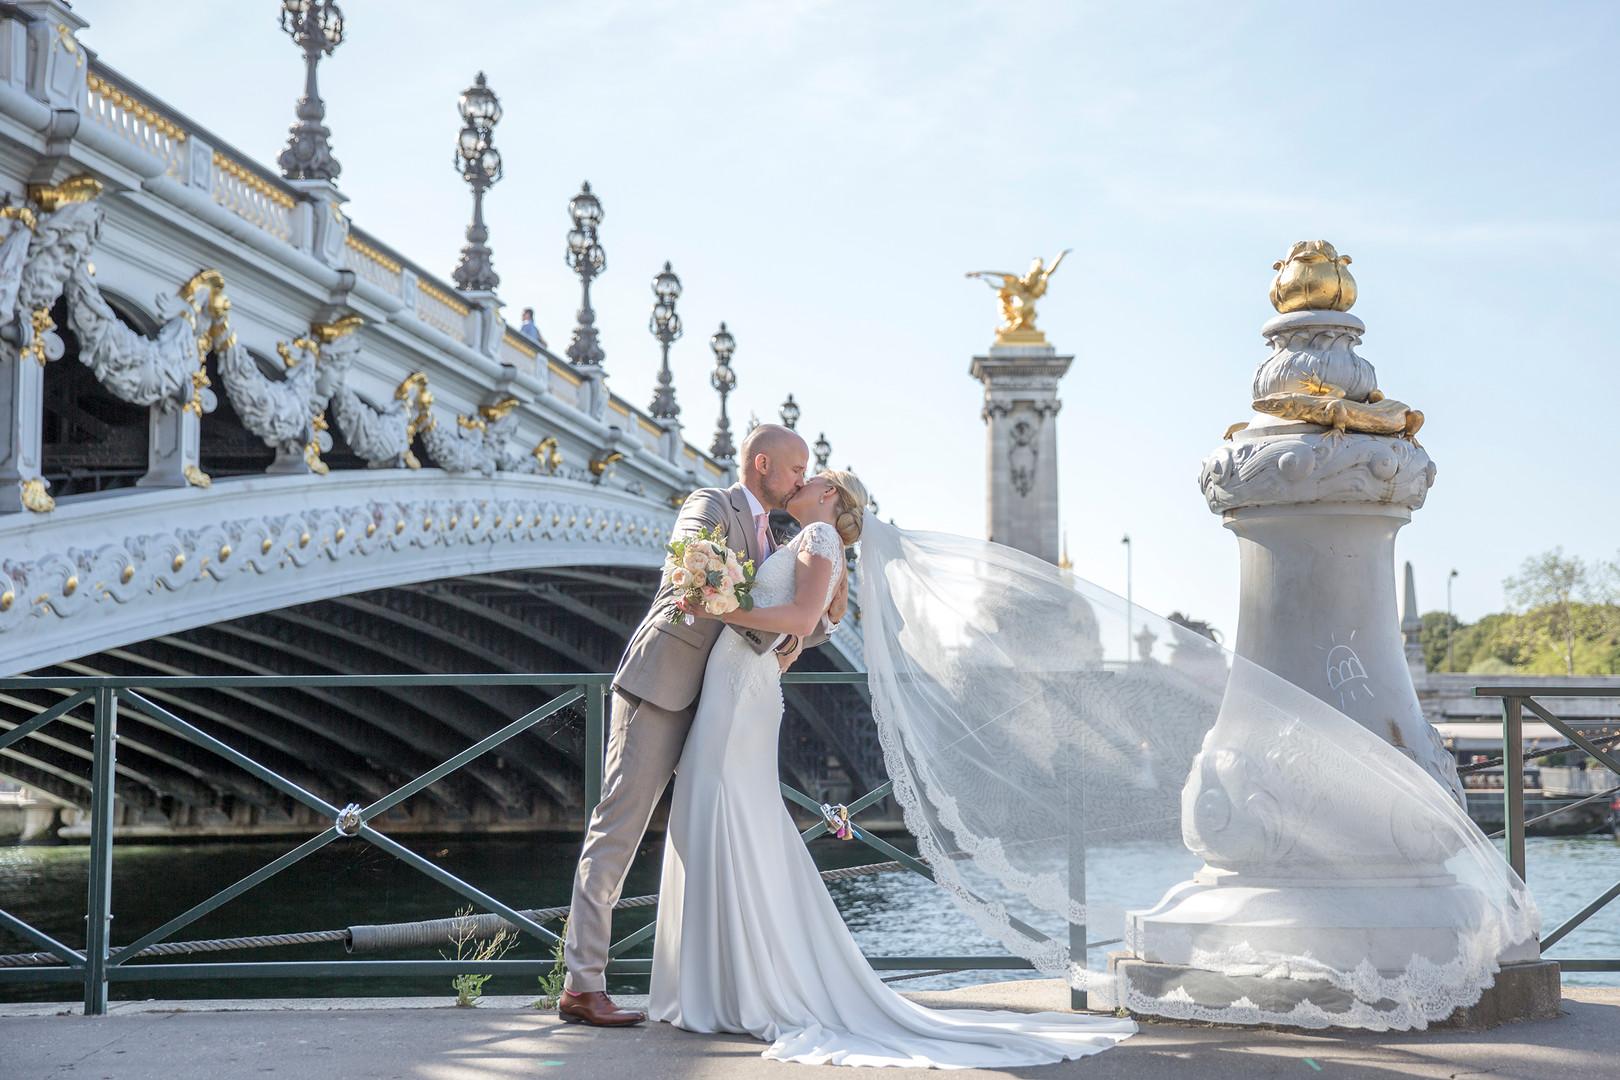 Wedding couple at Pont Alexandre III